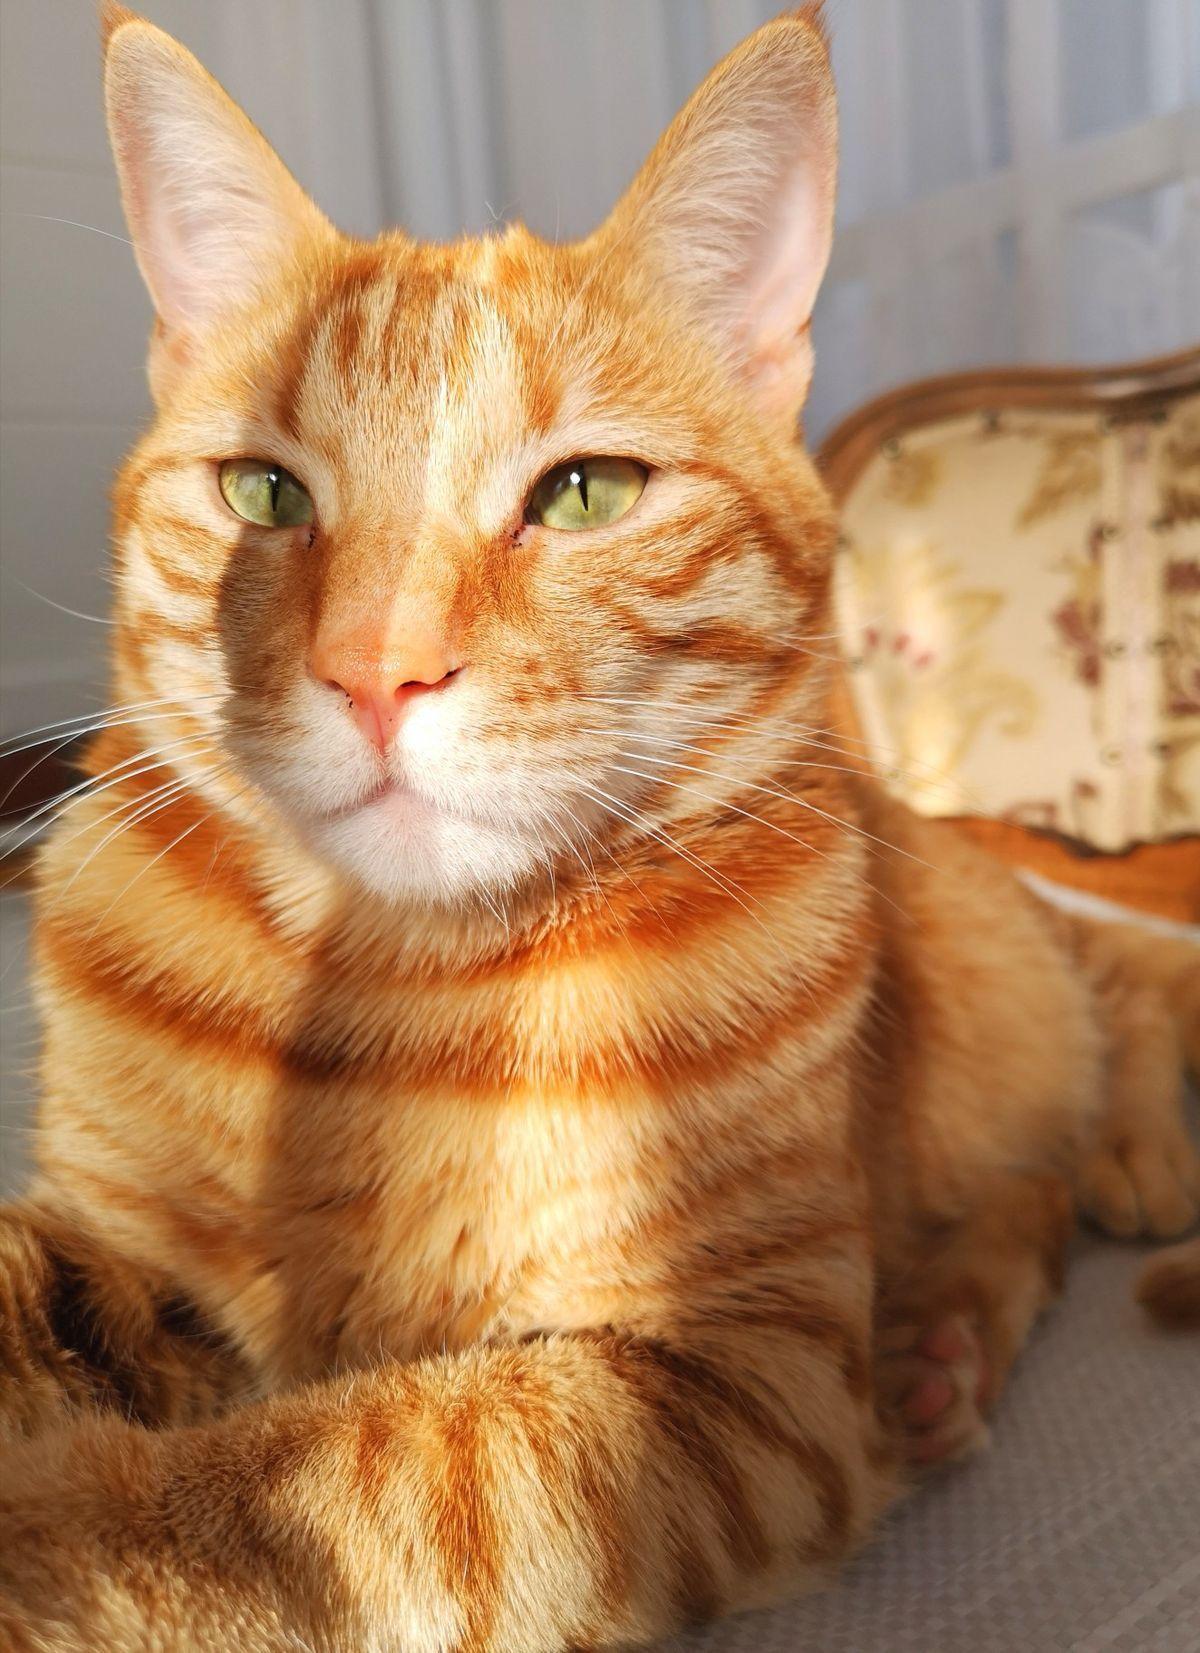 I Need A Kitten Image By Haley Haynes Orange Tabby Cats Tabby Cat Pretty Cats